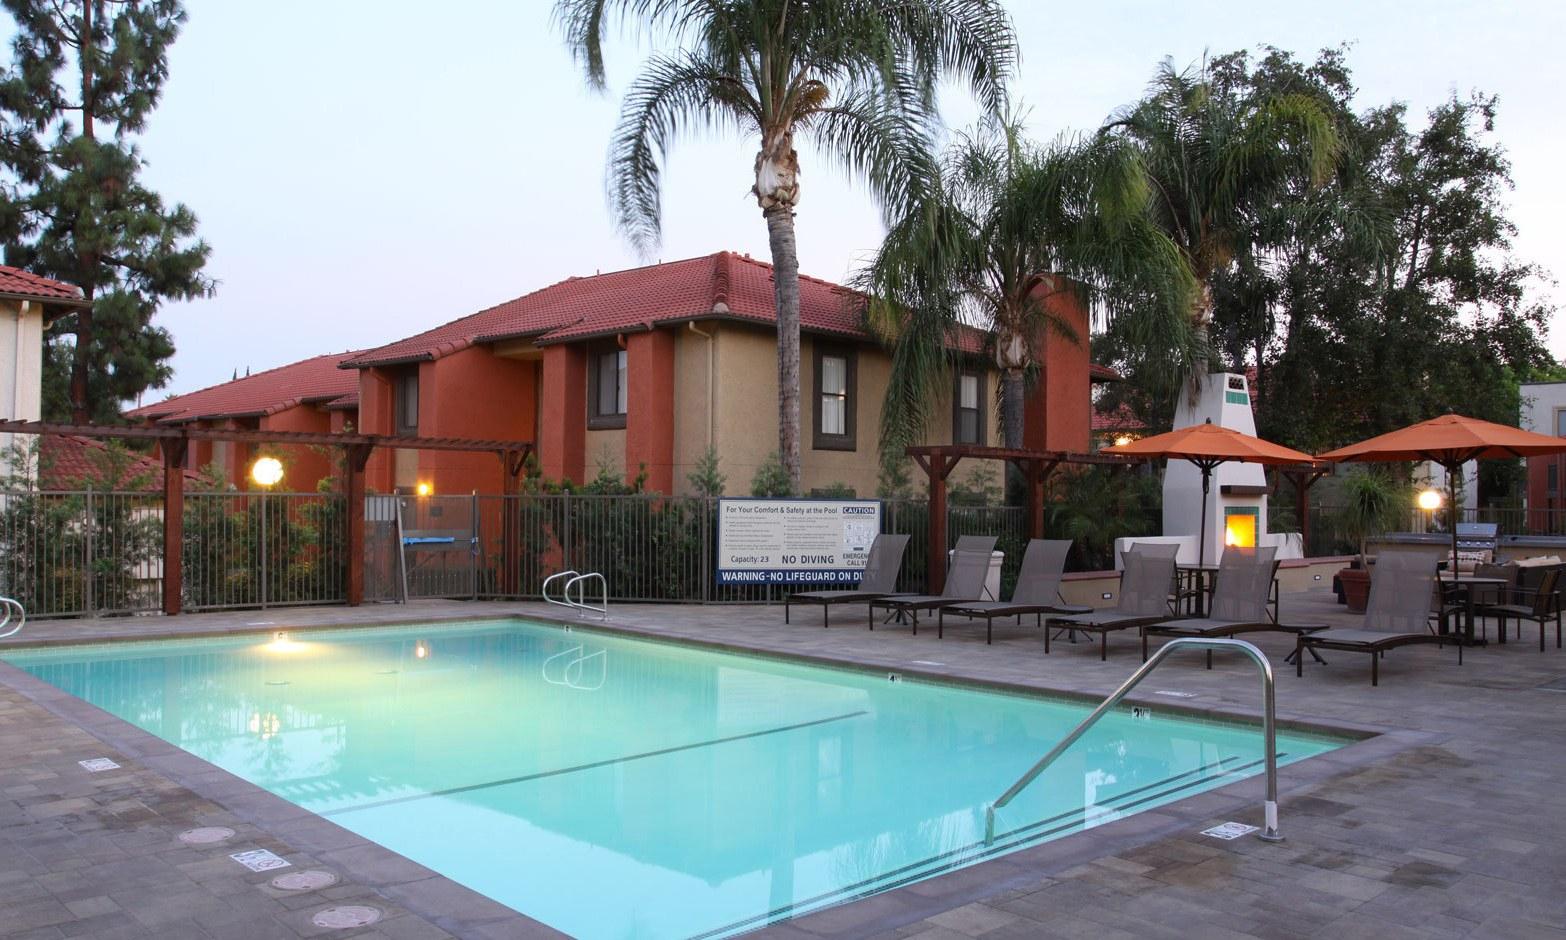 Apartments in Colton, CA